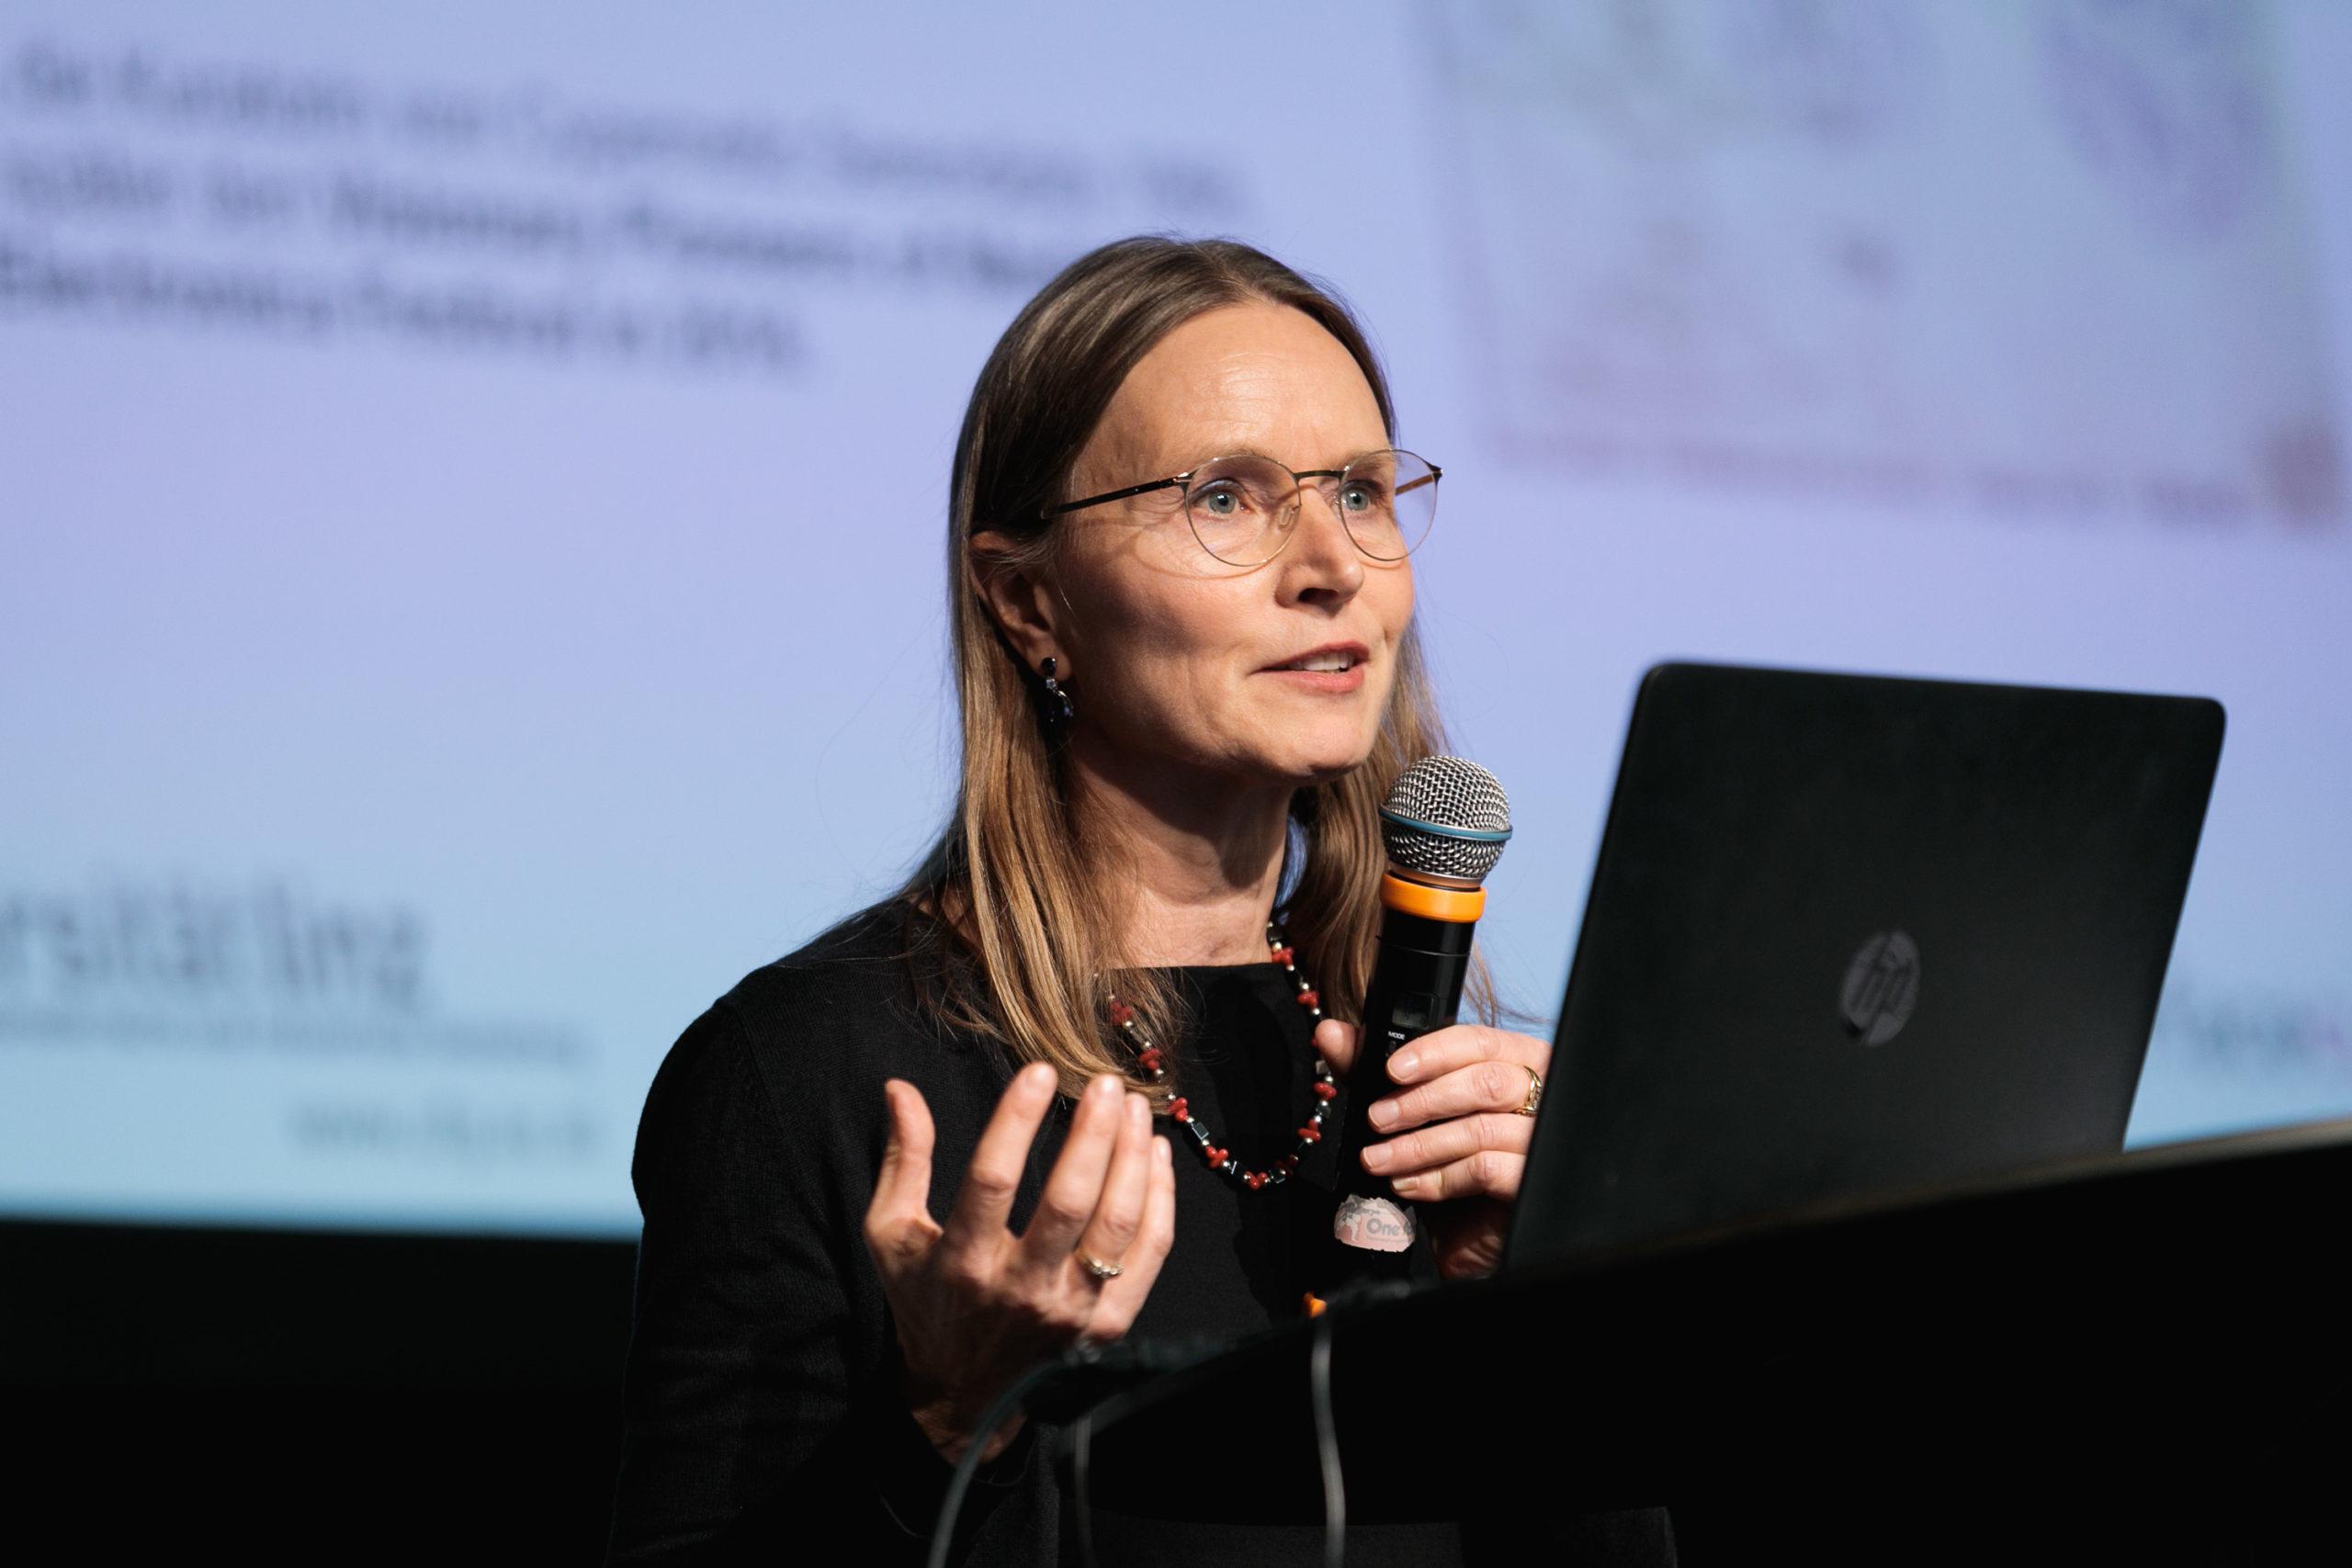 Foto 5: Univ.-Prof. Dr. Christa Sommerer, Foto: vog.photo